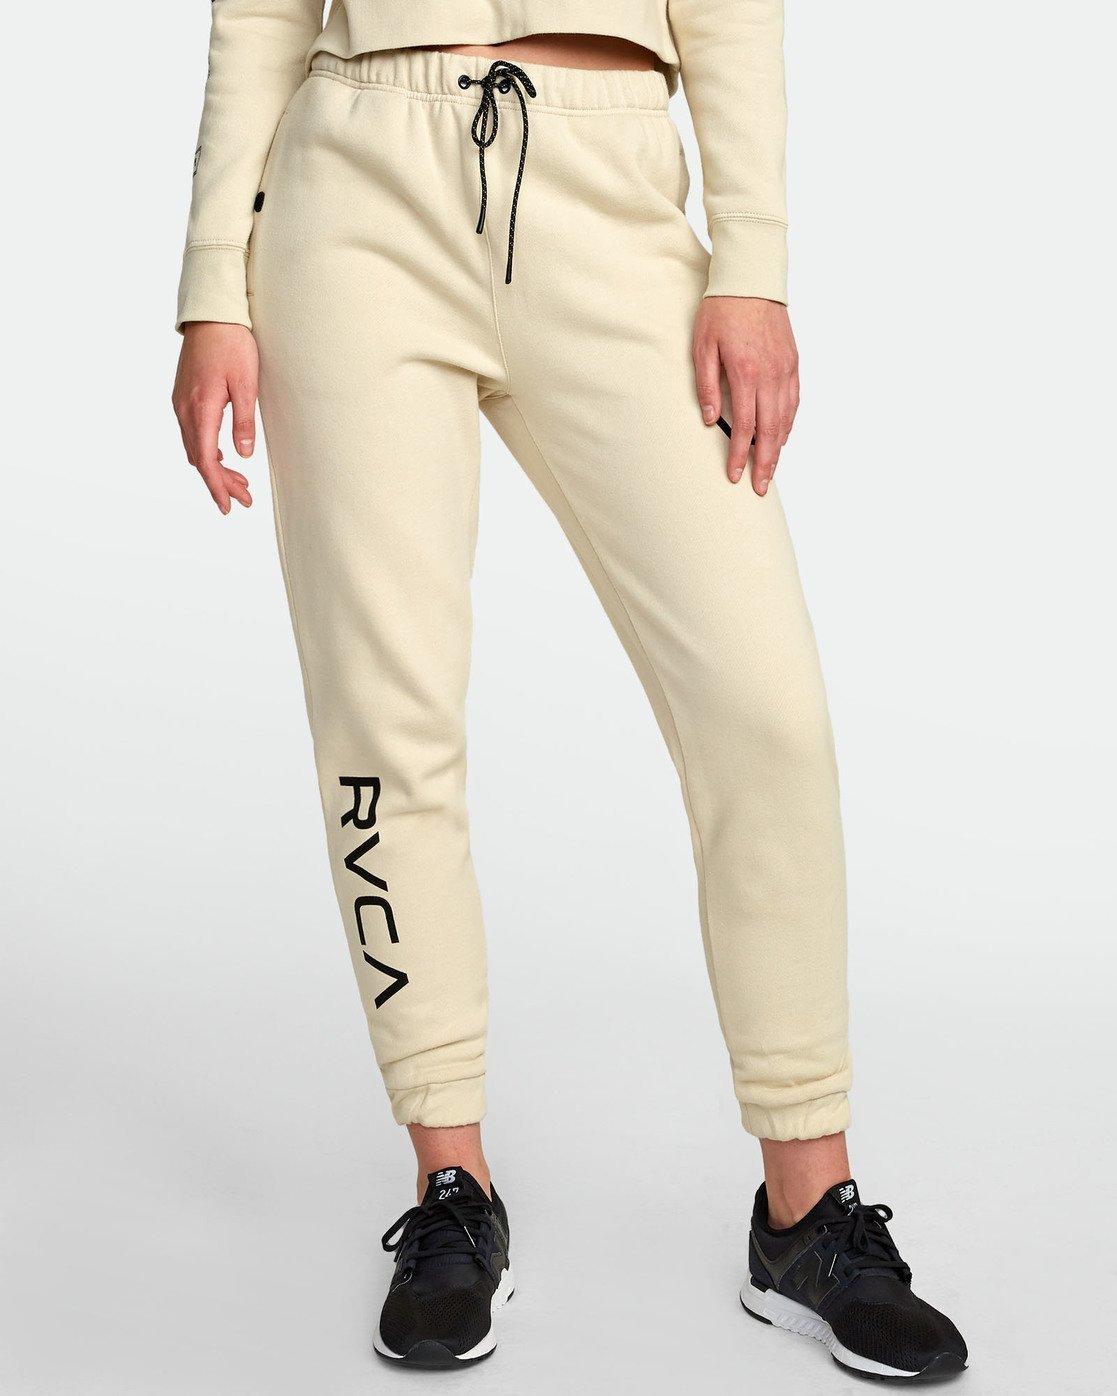 0 Sport Sweatpants Beige R407888 RVCA